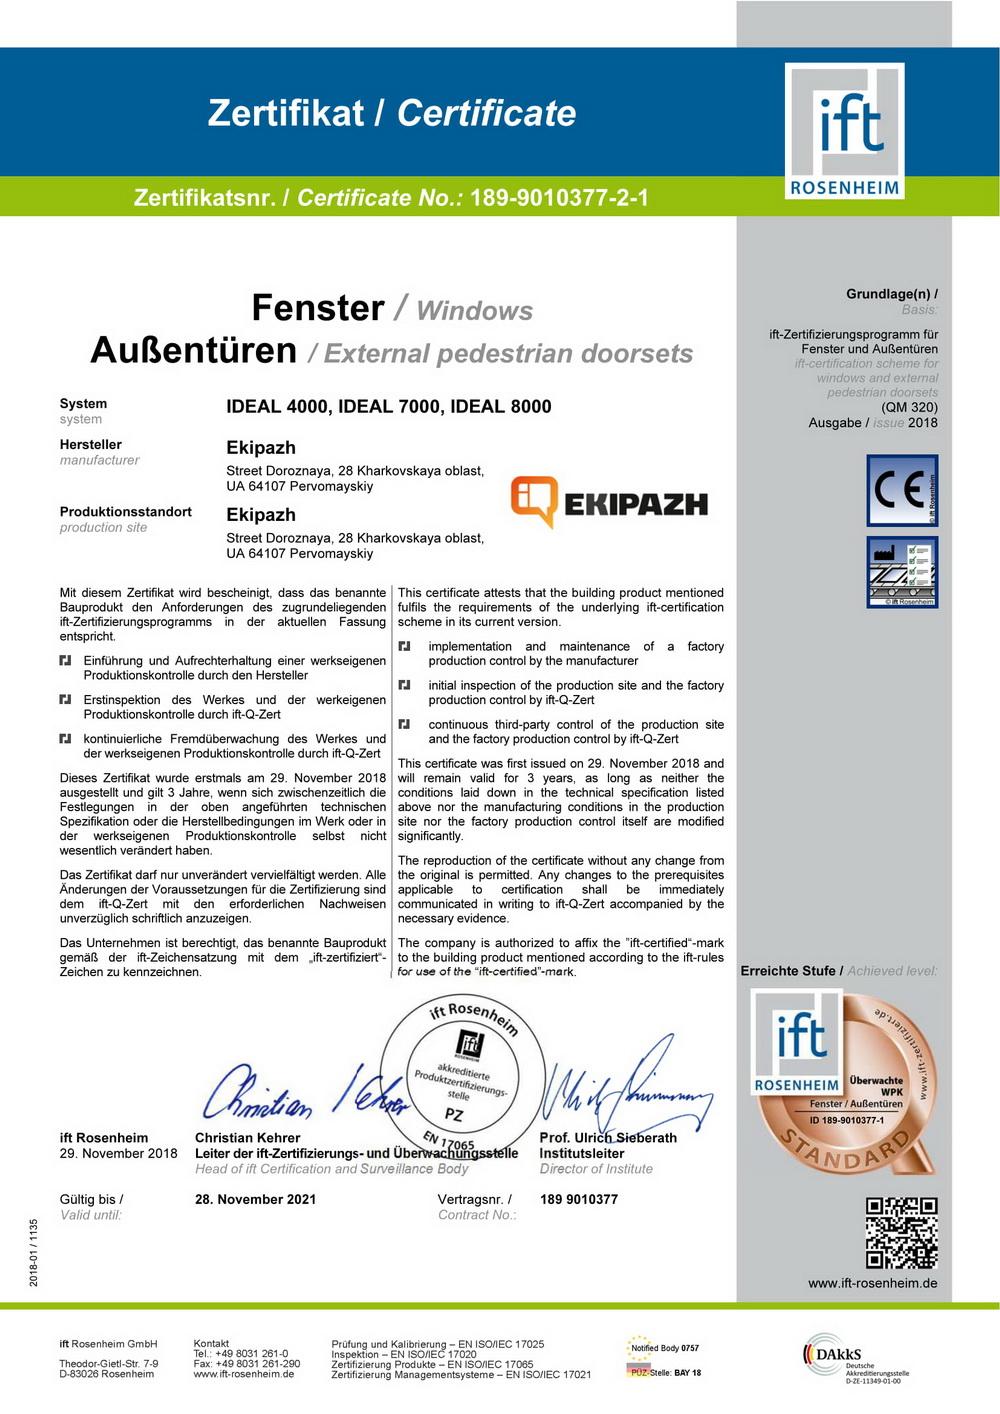 Сертифікат itf Rosenheim aluplast 4000; 7000; 8000, який допомагають дилерам при роботі з клієнтами